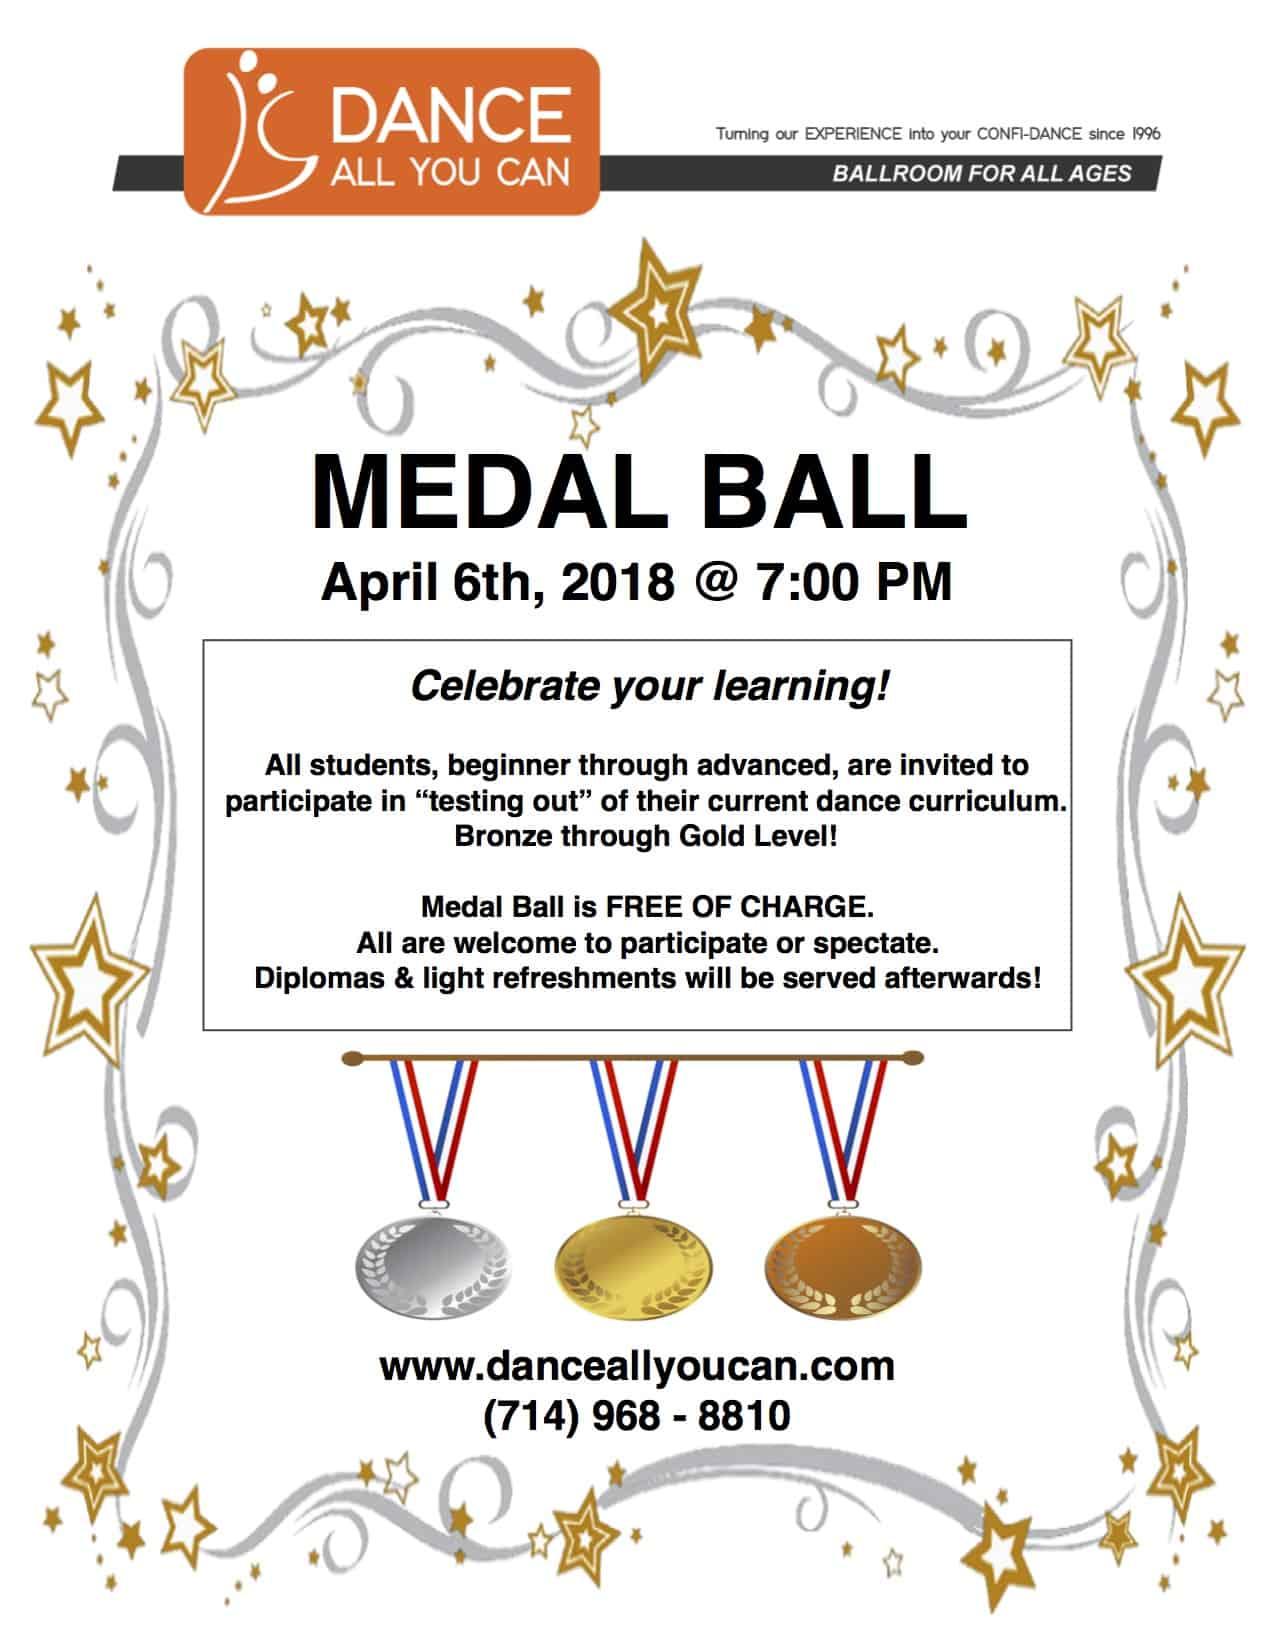 flyer for ballroom dance medal ball